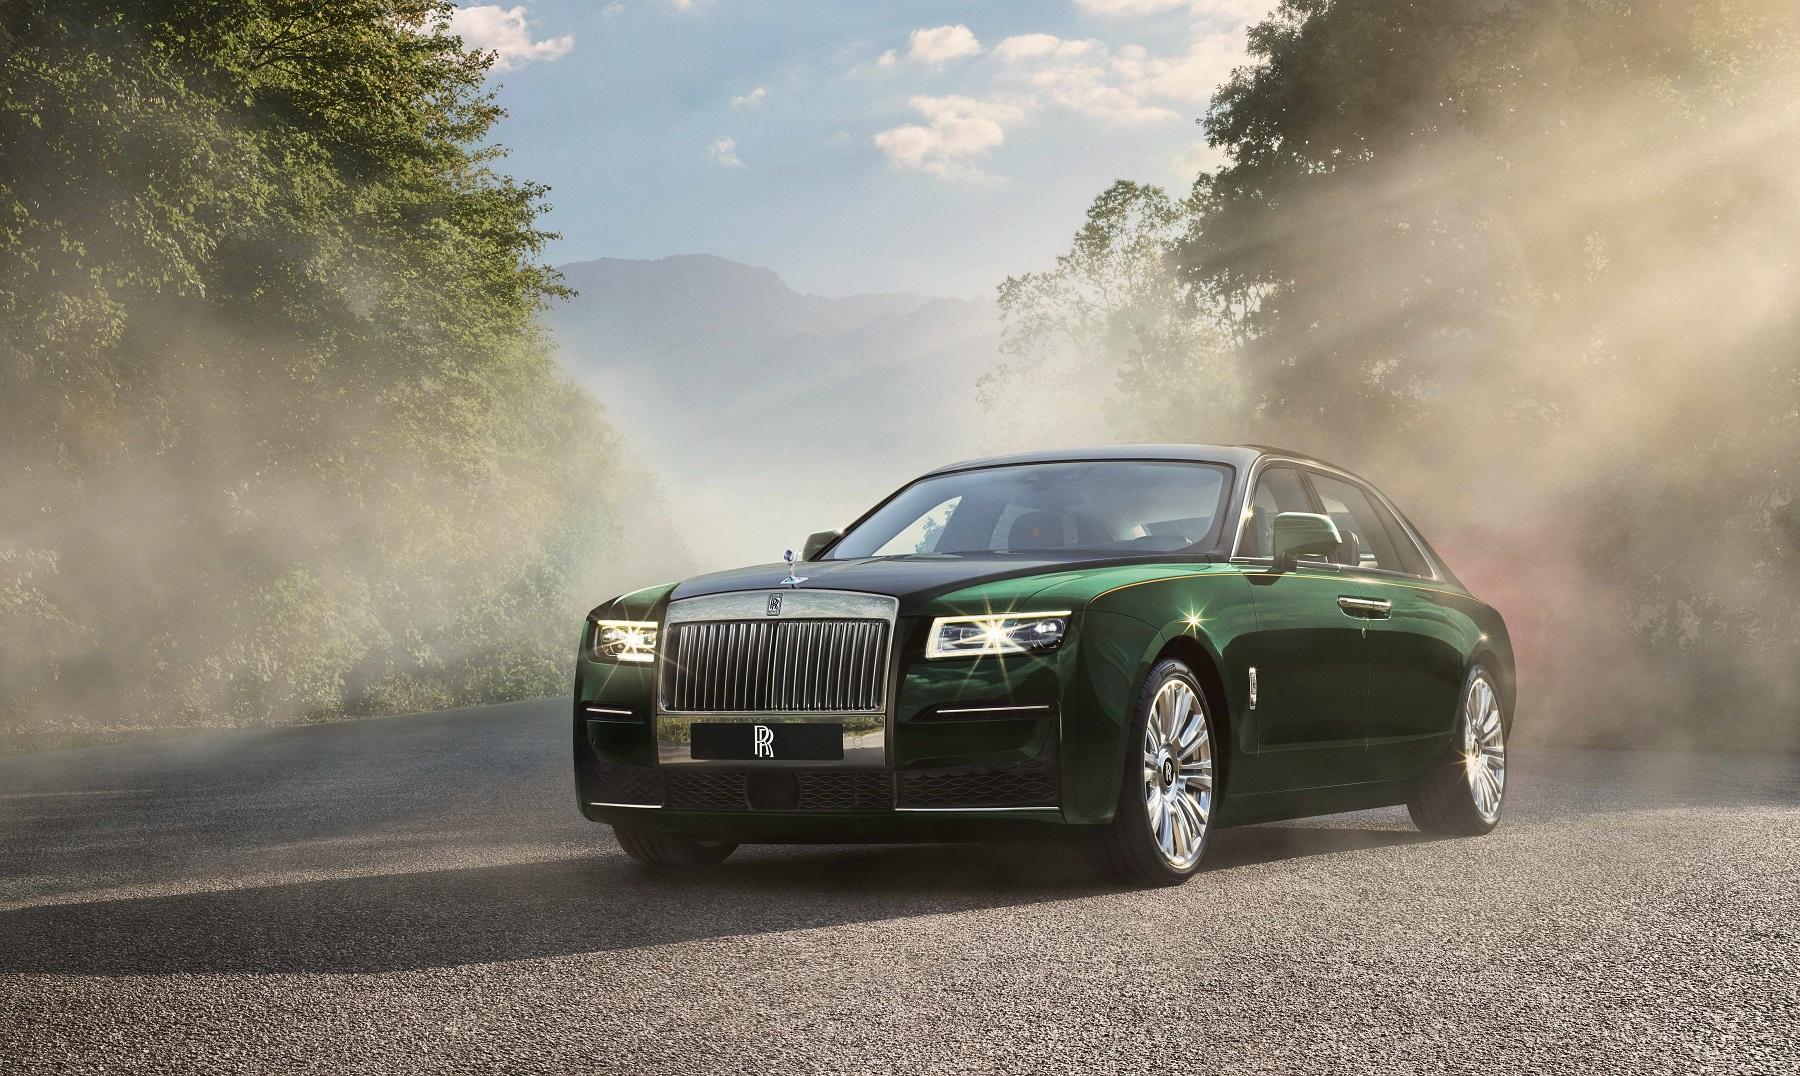 Rolls-Royce Ghost Extended má sedadlá ako súkromný tryskáč